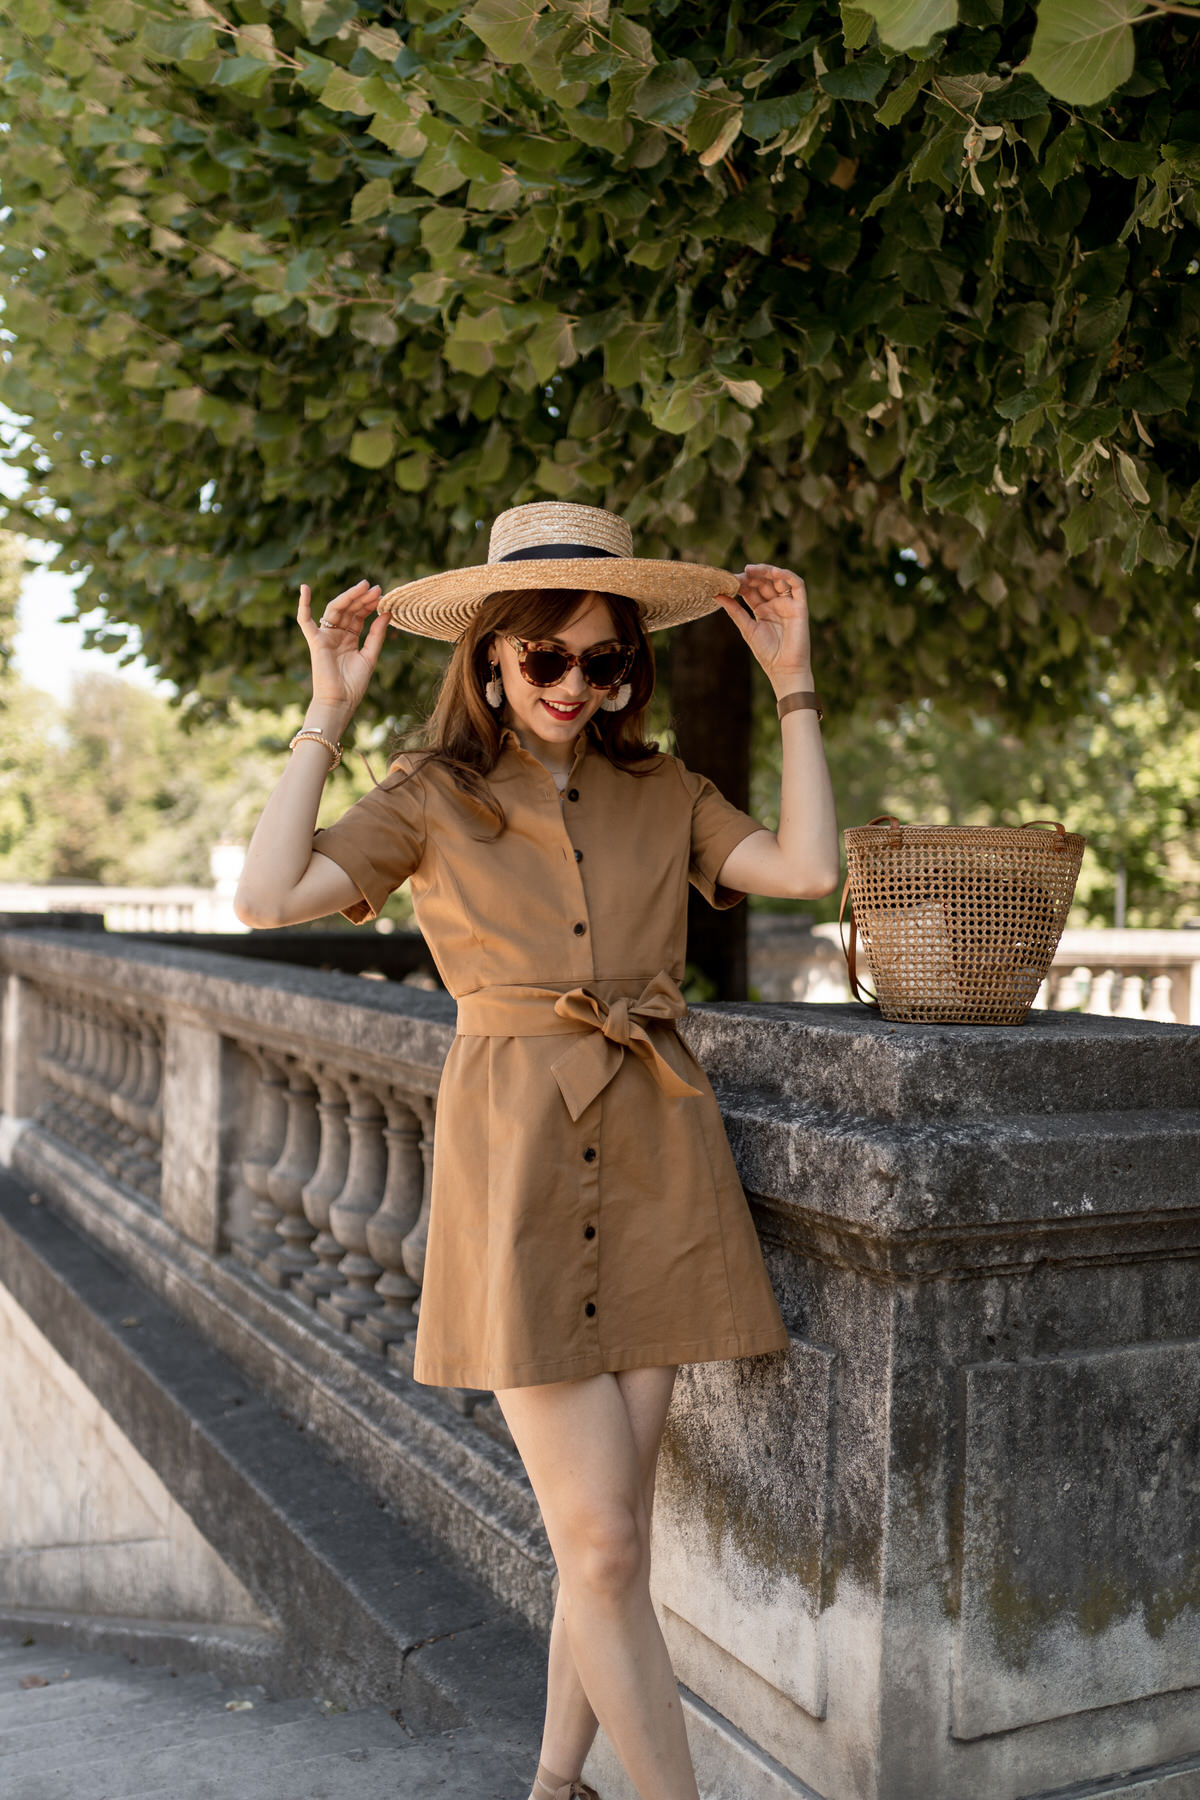 comment-porter-robe-chemise-2